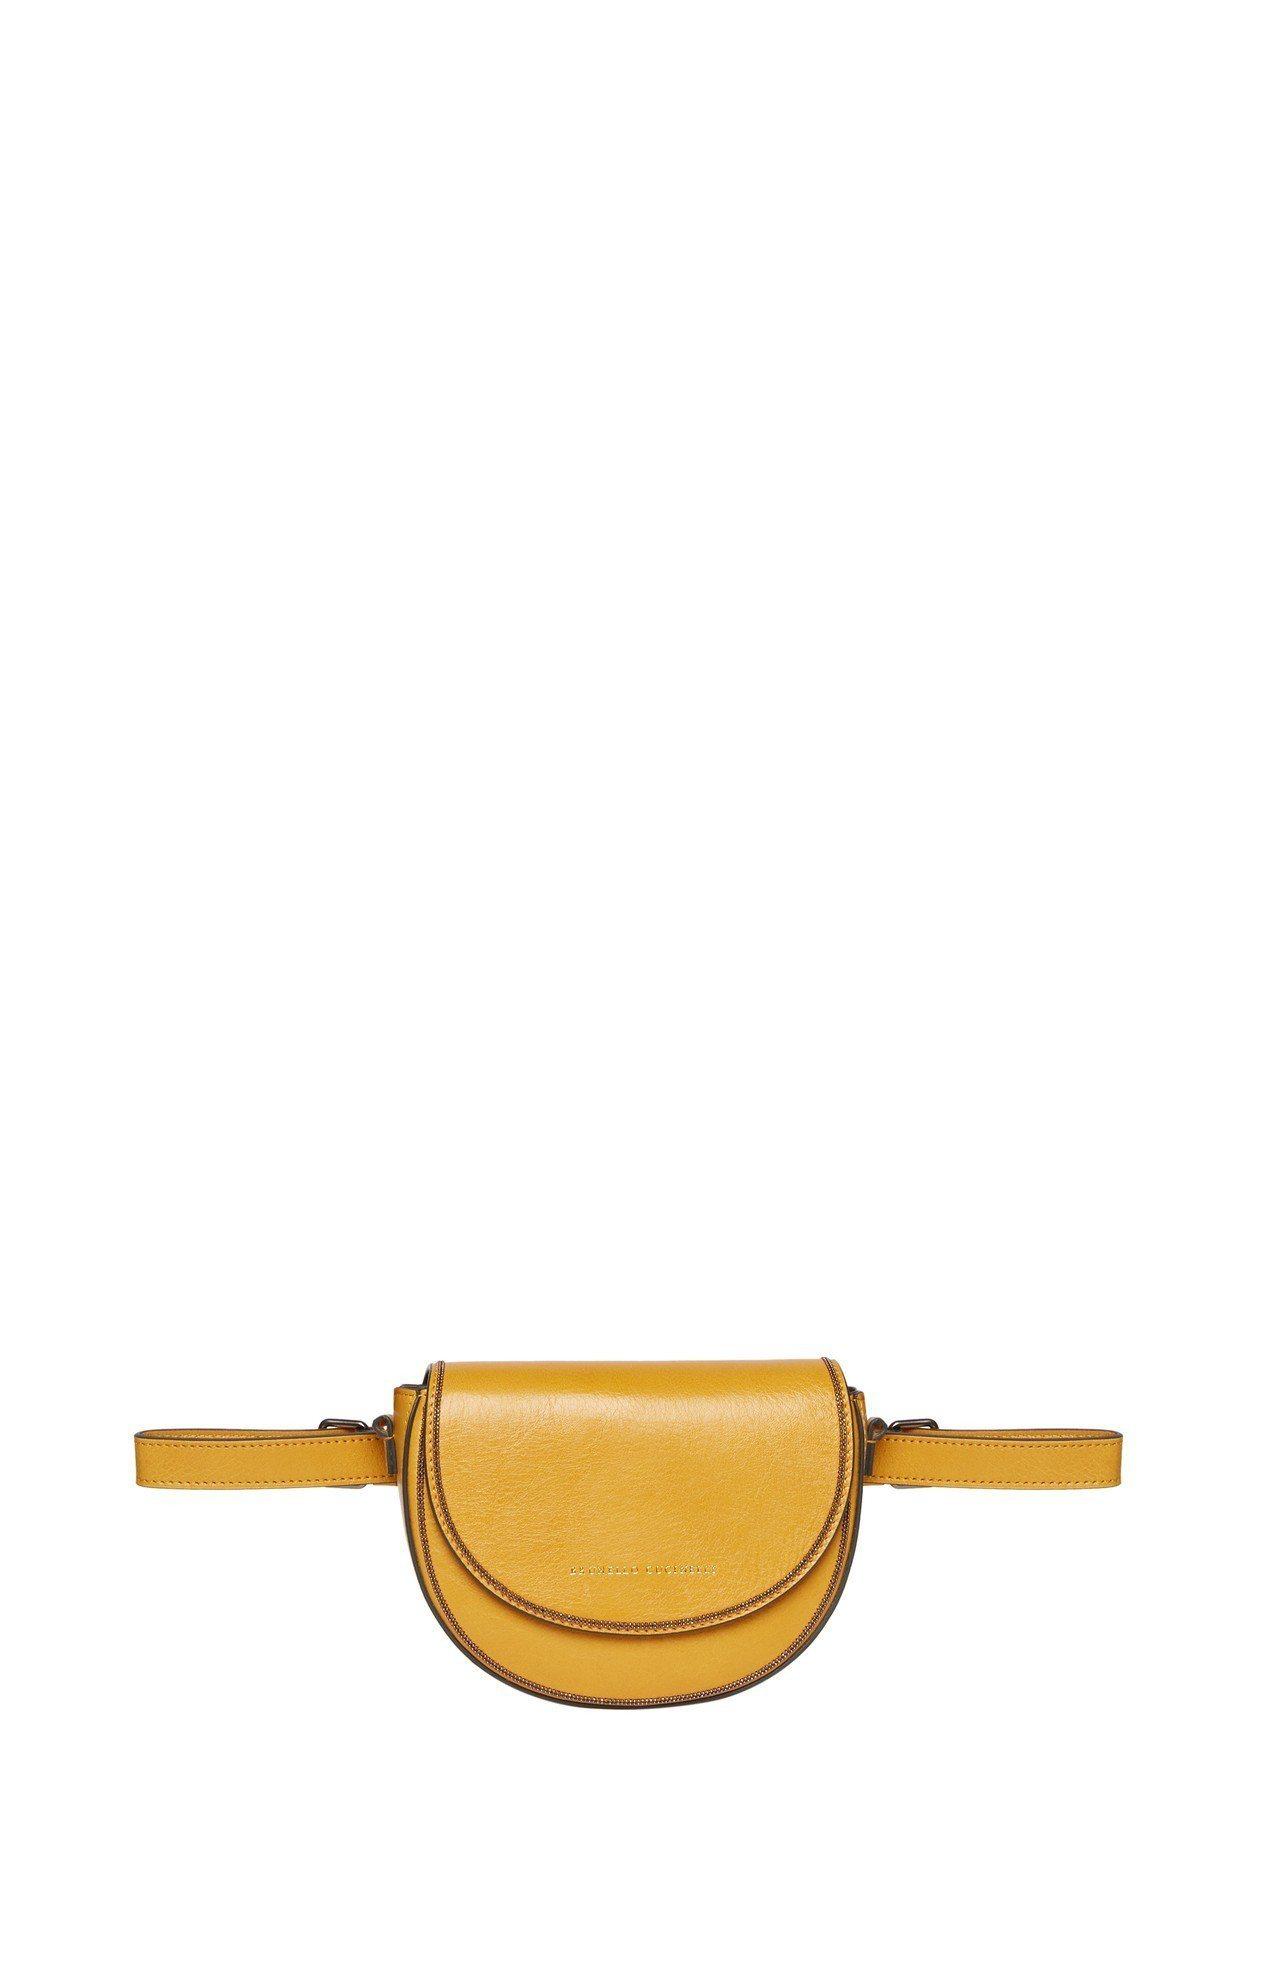 女裝皮革馬鞍包,售價70,900元。圖/BRUNELLO CUCINELLI提供